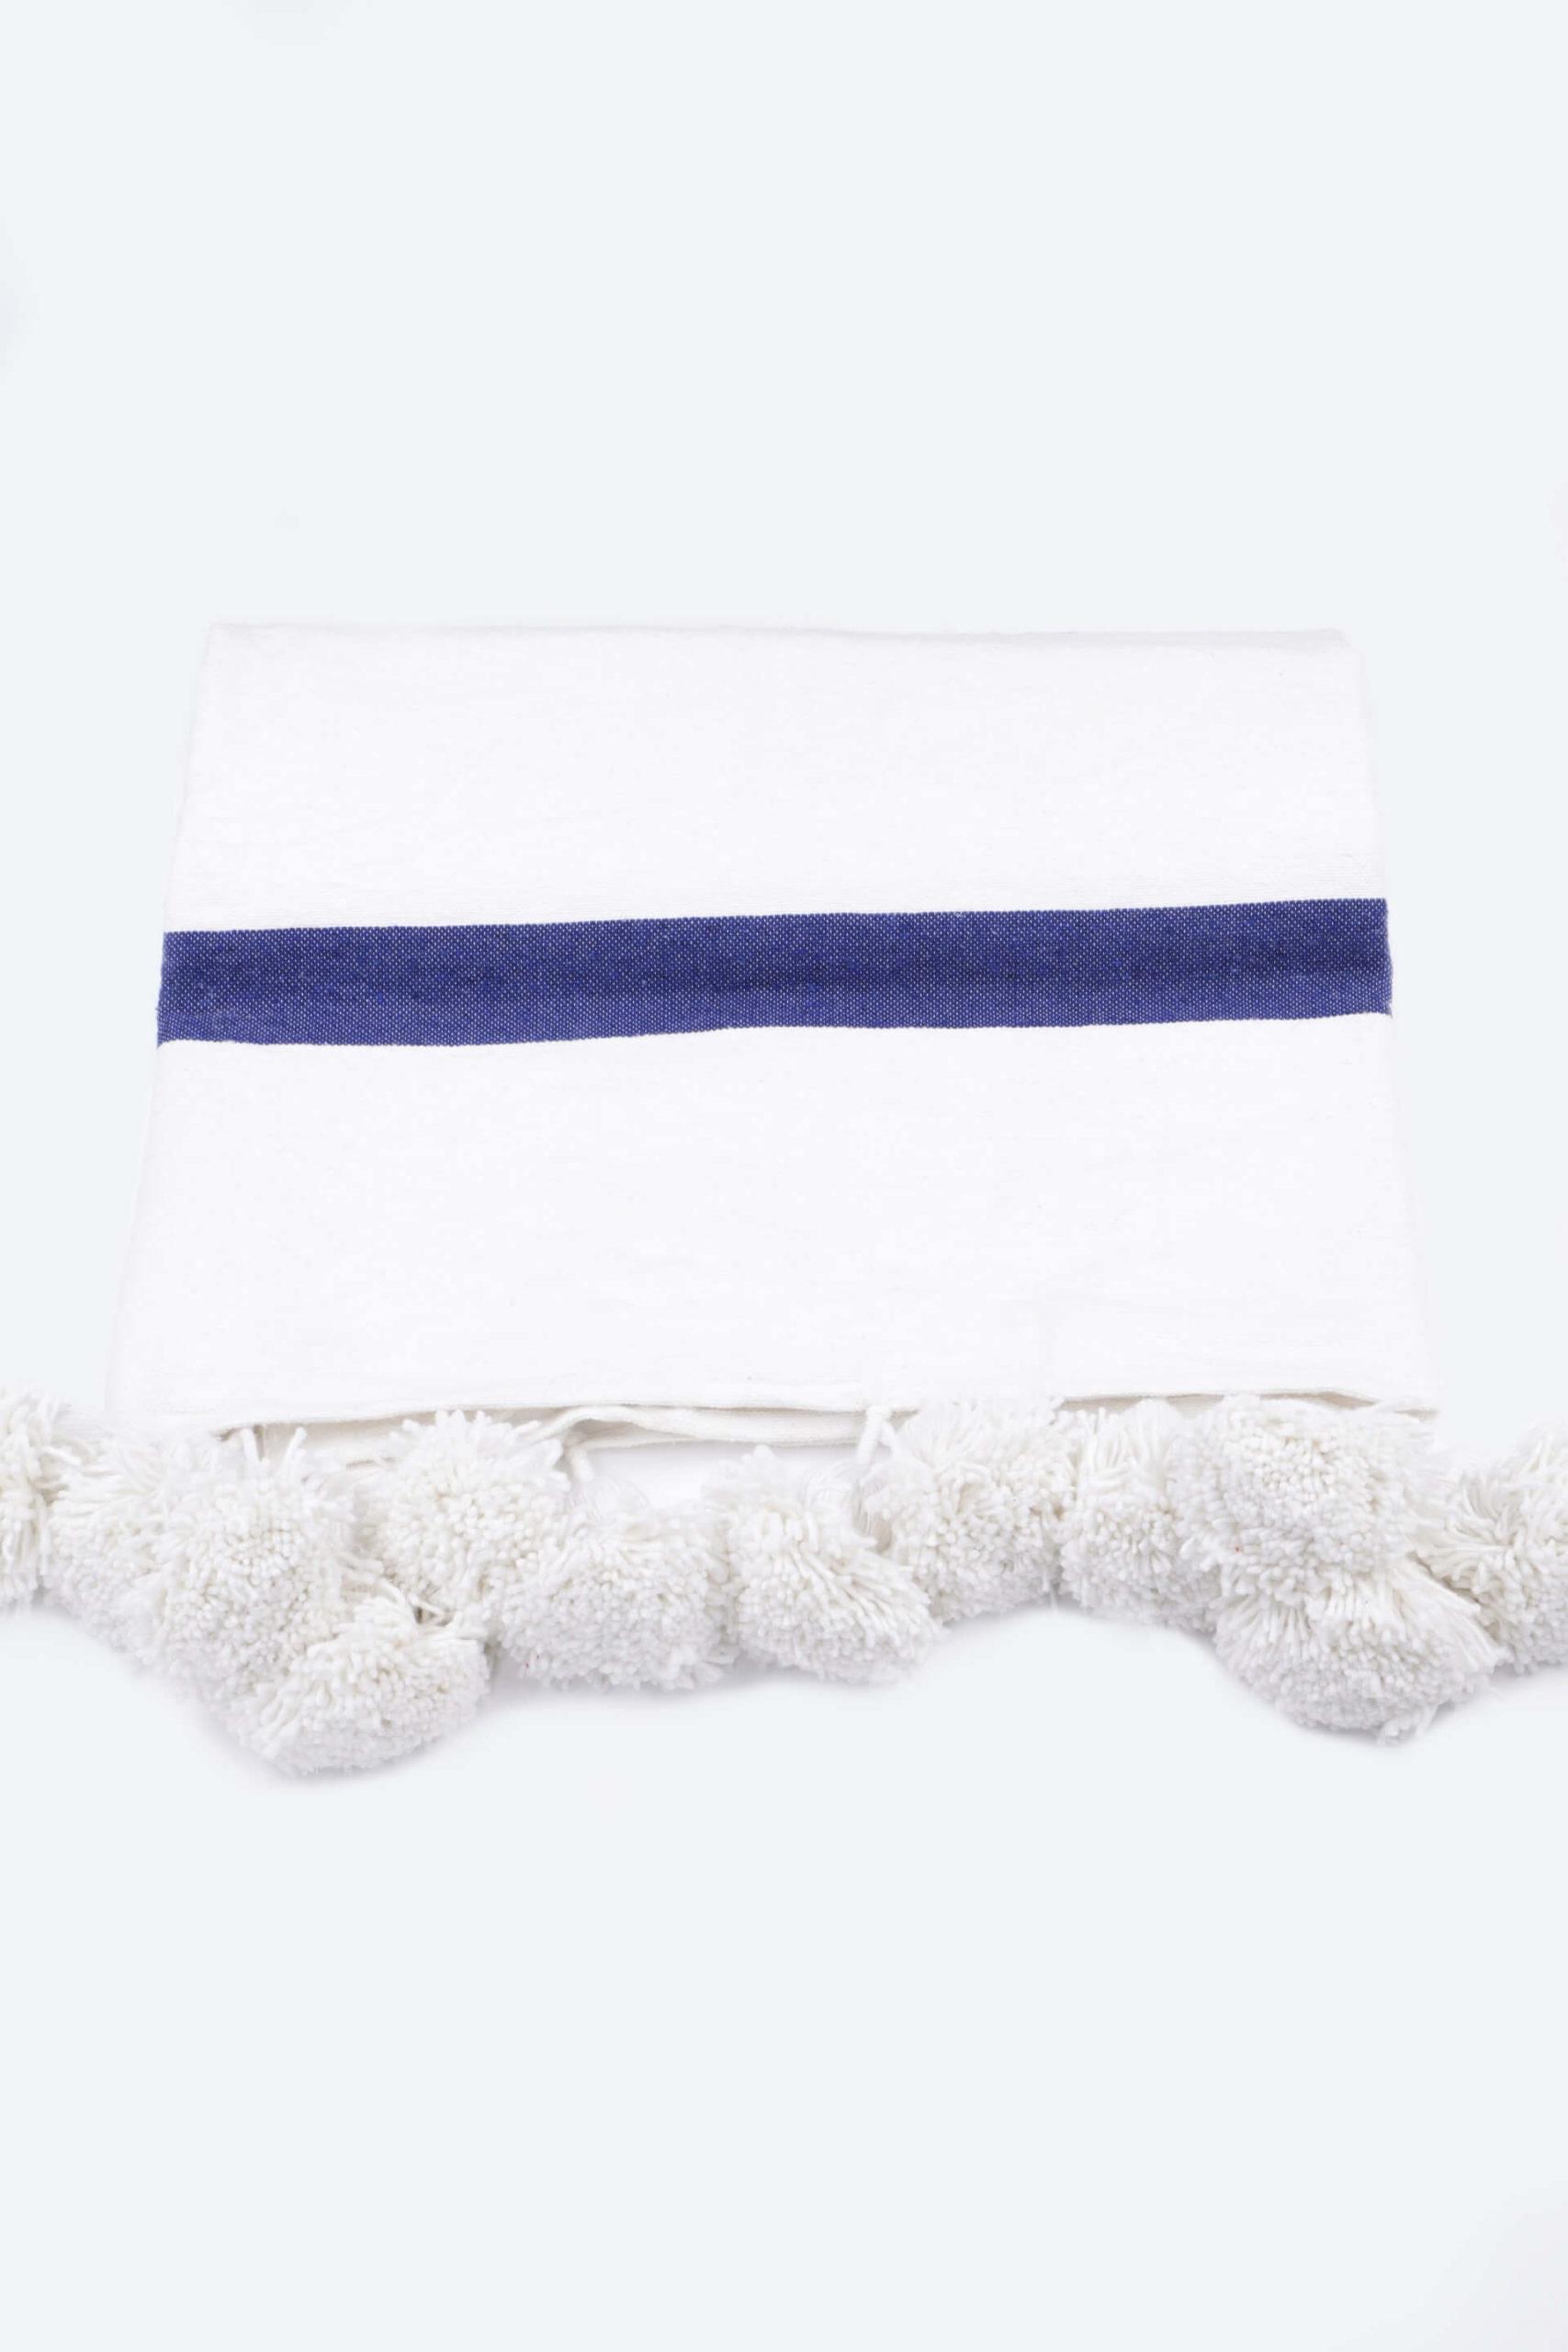 Plaid blanc lignes bleus